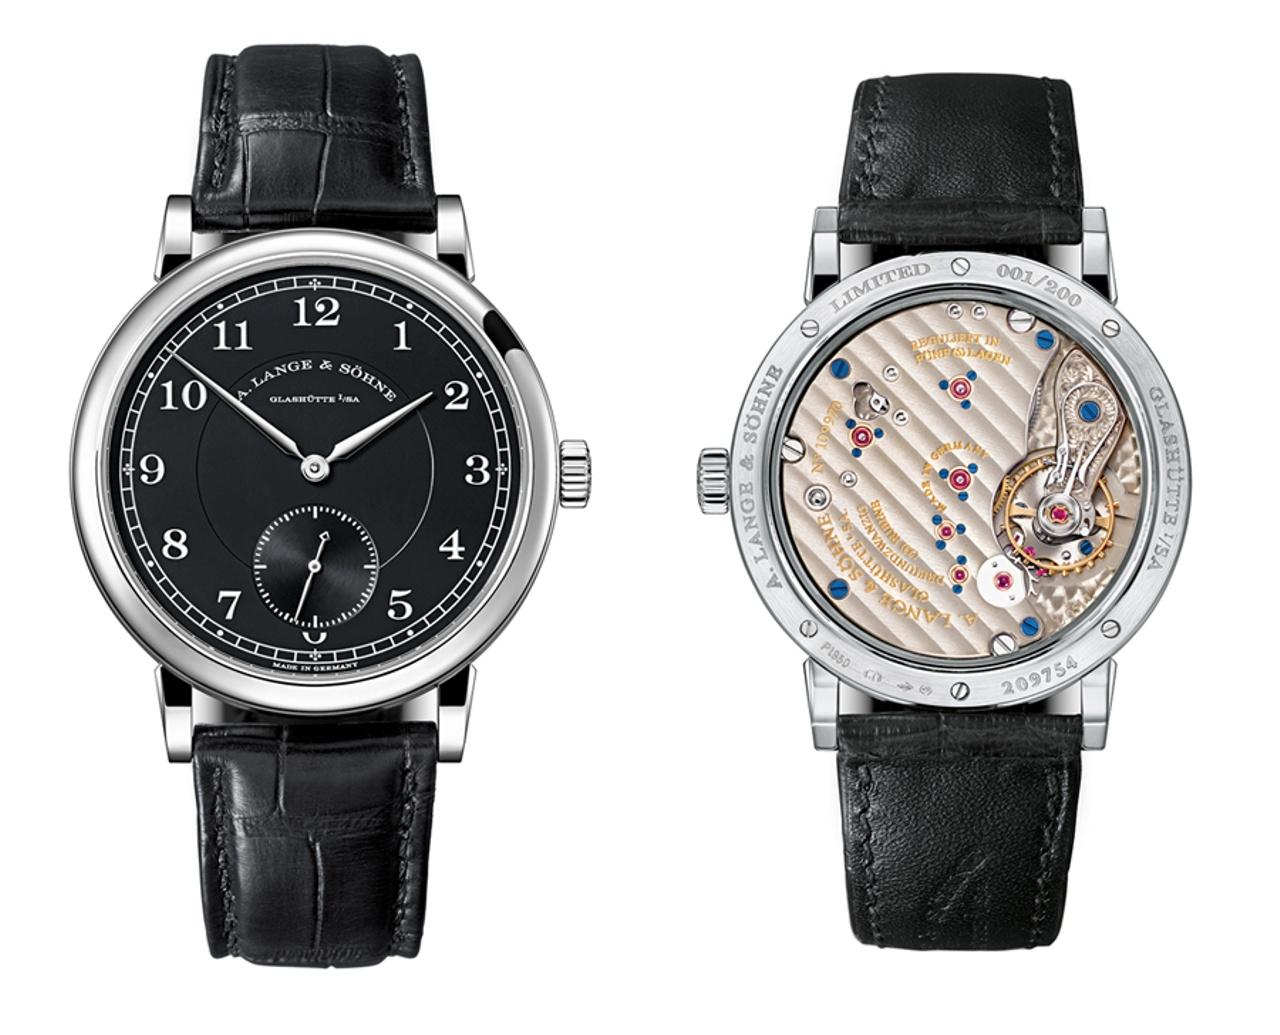 La platina a tre quarti ben visibile attraverso il fondello del 1815. Questo orologio è una edizione limitata, presentata nel 2016 per celebrare i 200 anni dalla fondazione della Manifattura.